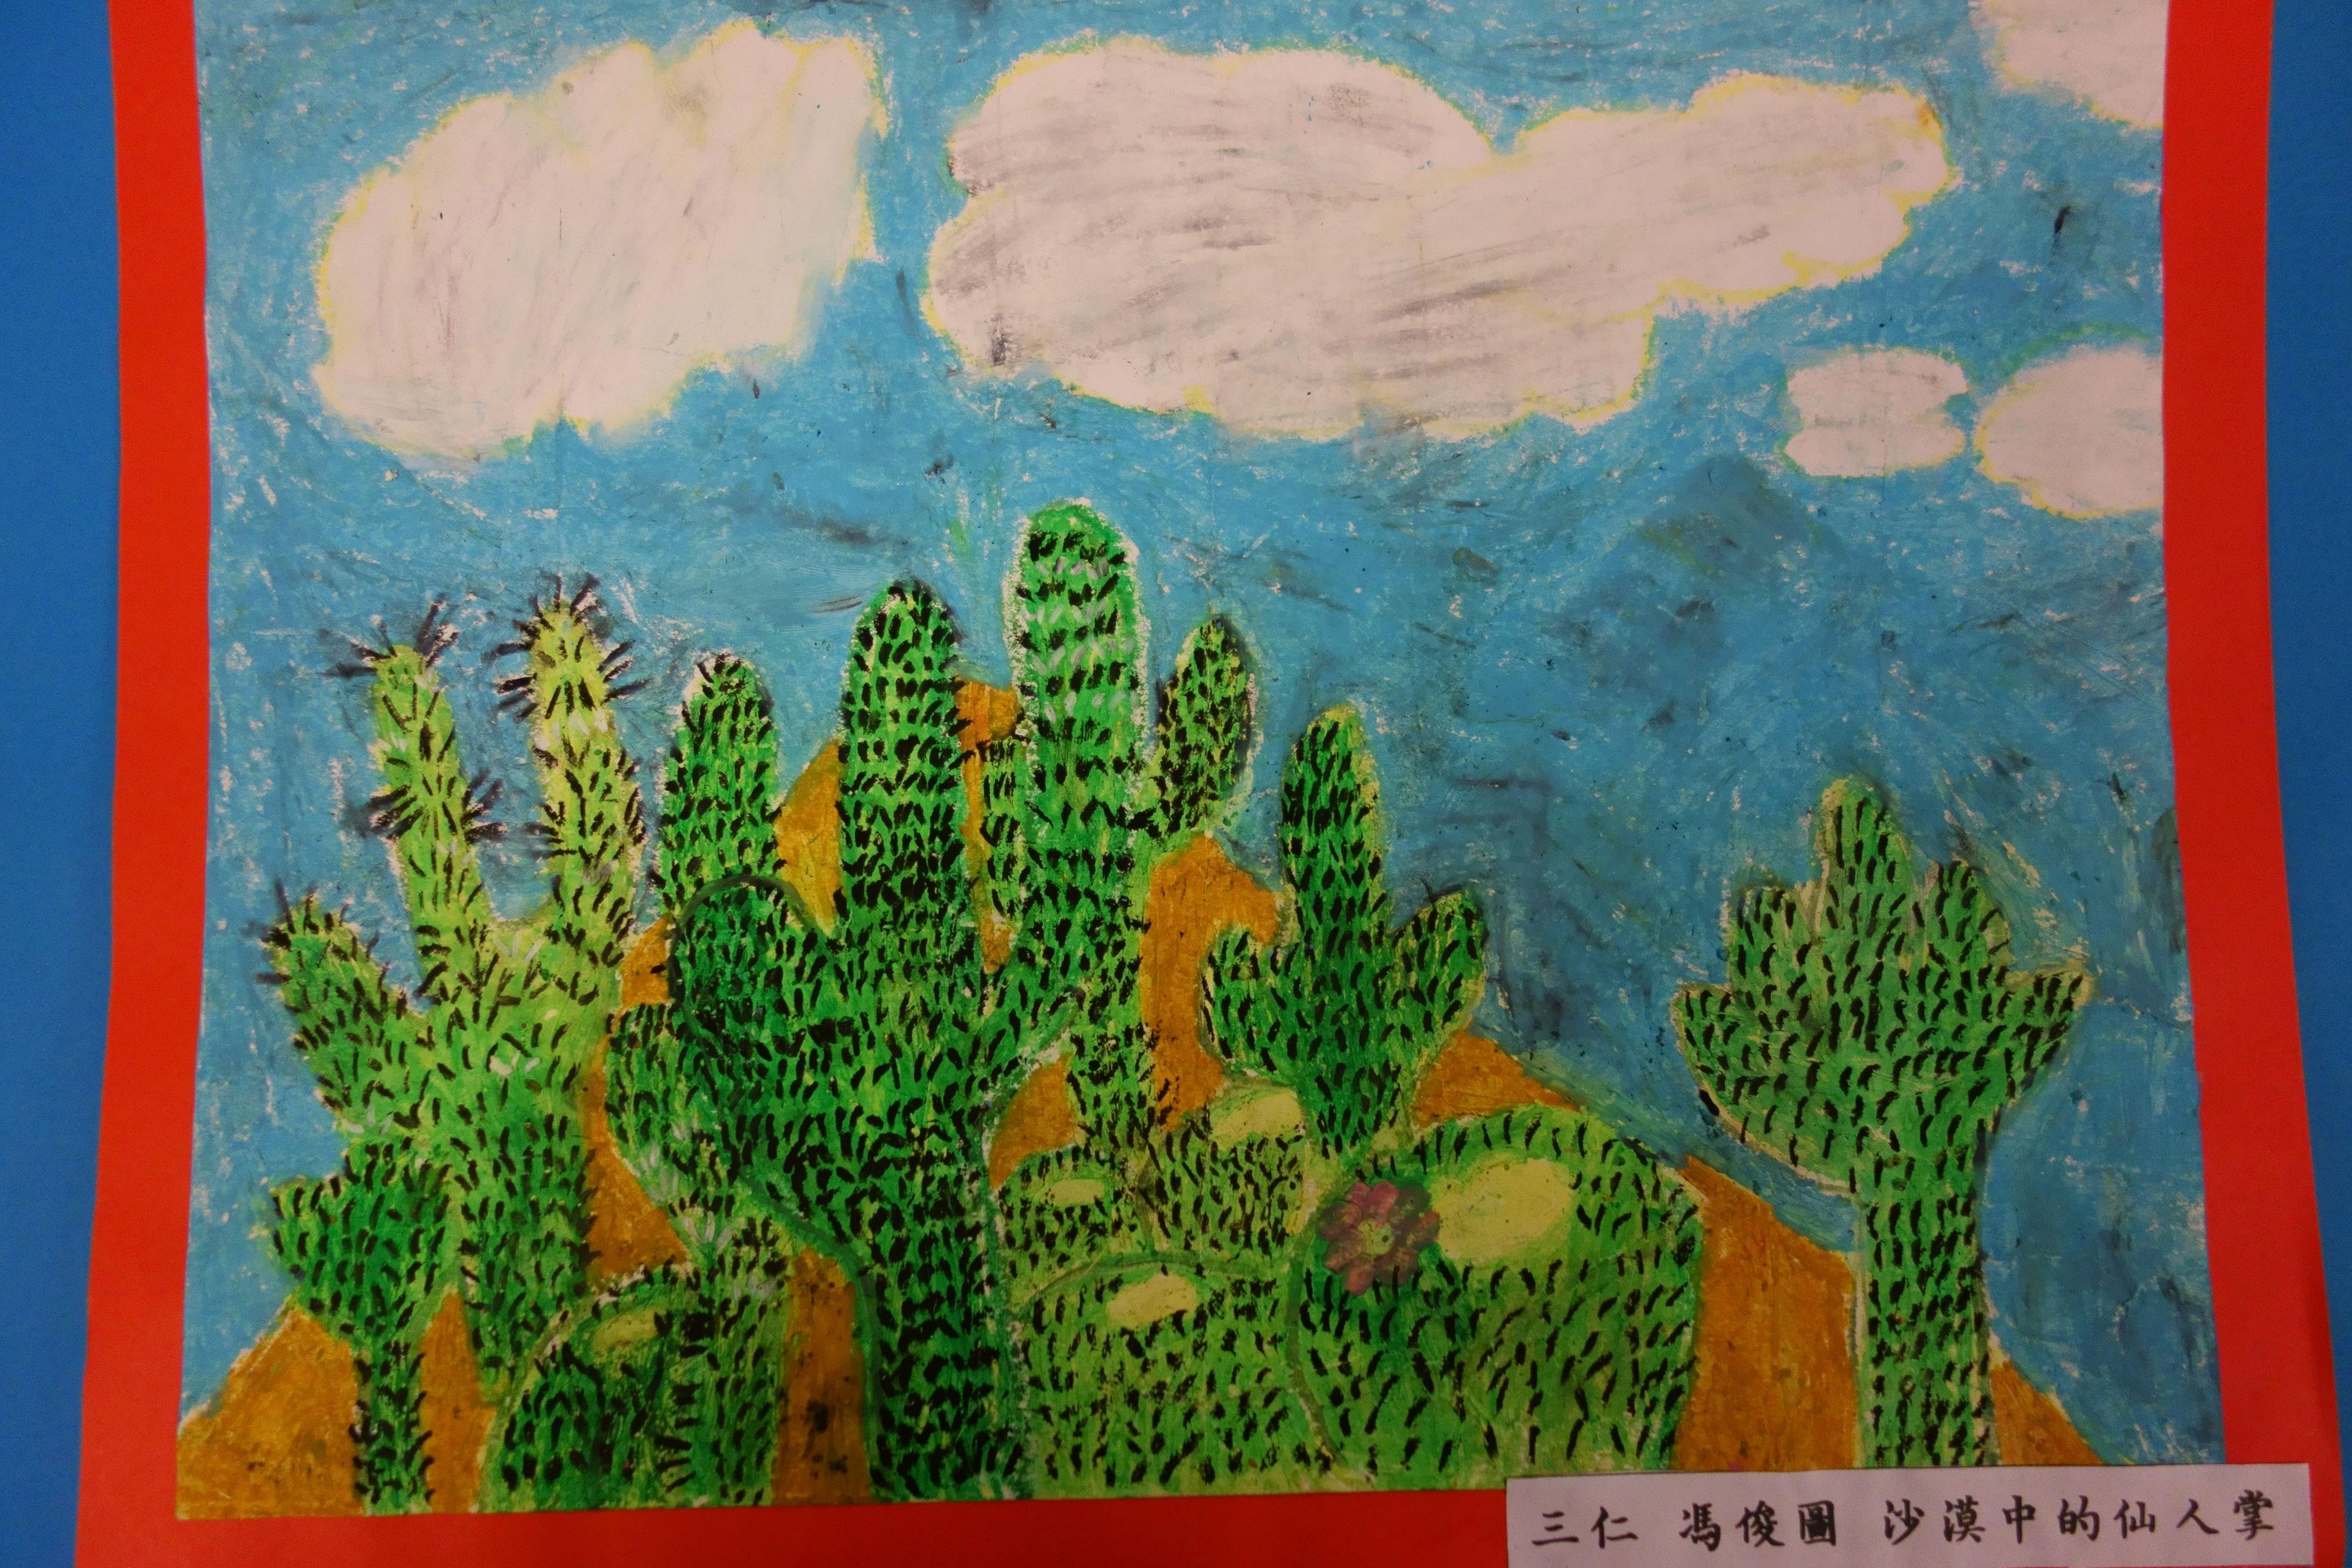 沙漠中的仙人掌>